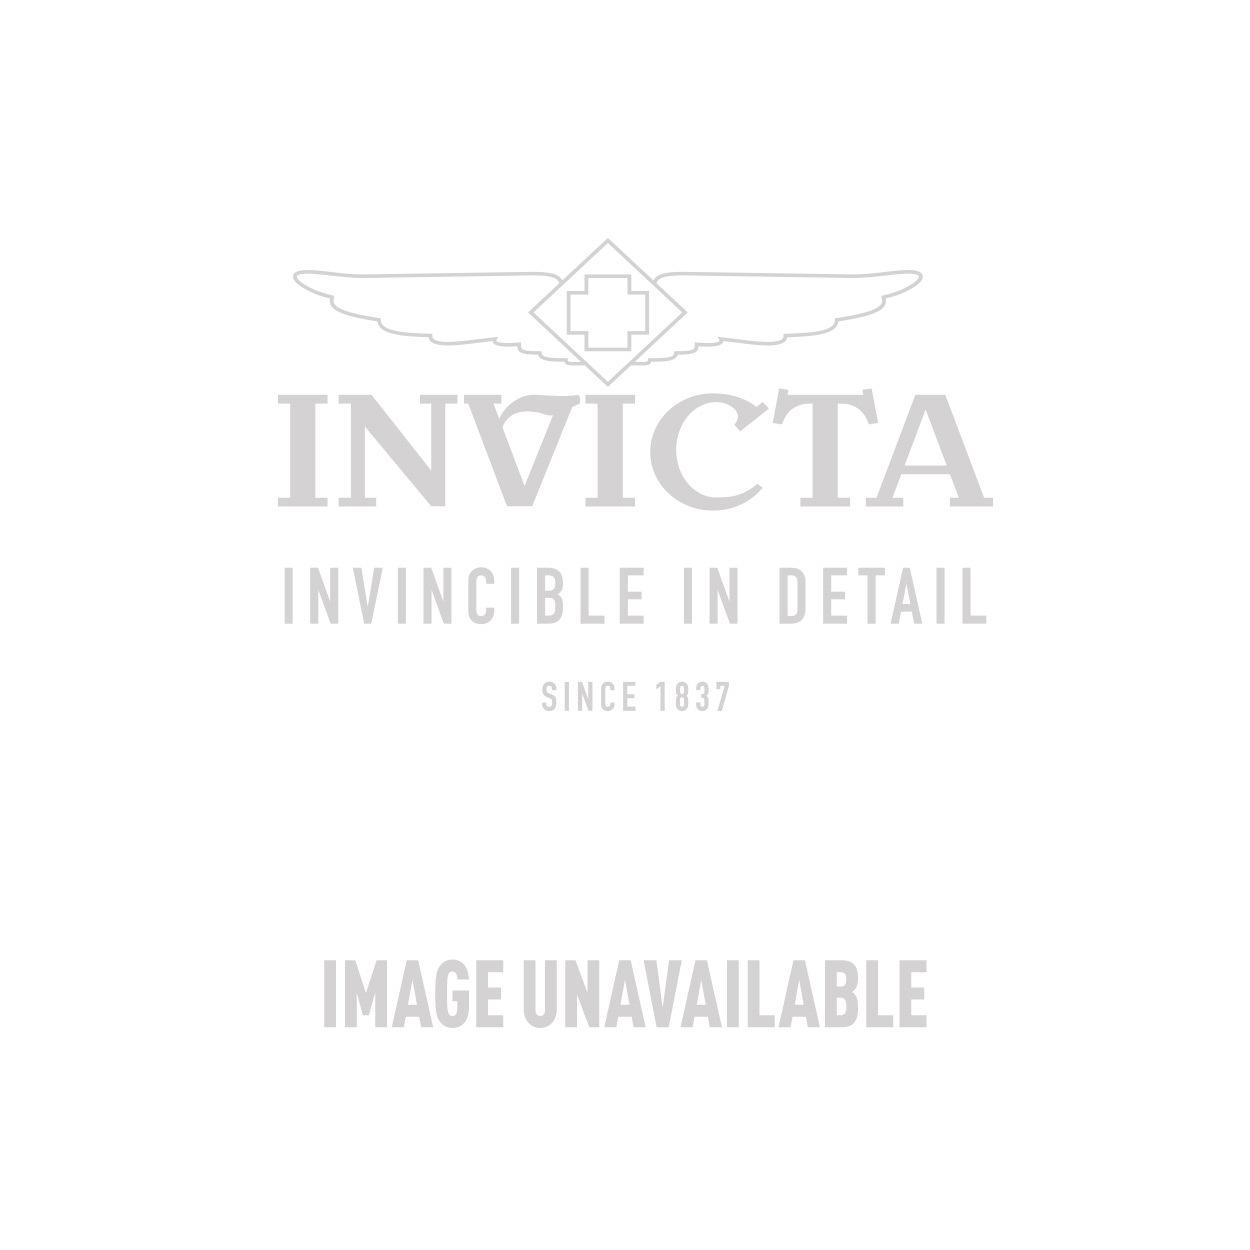 Invicta Model 29399